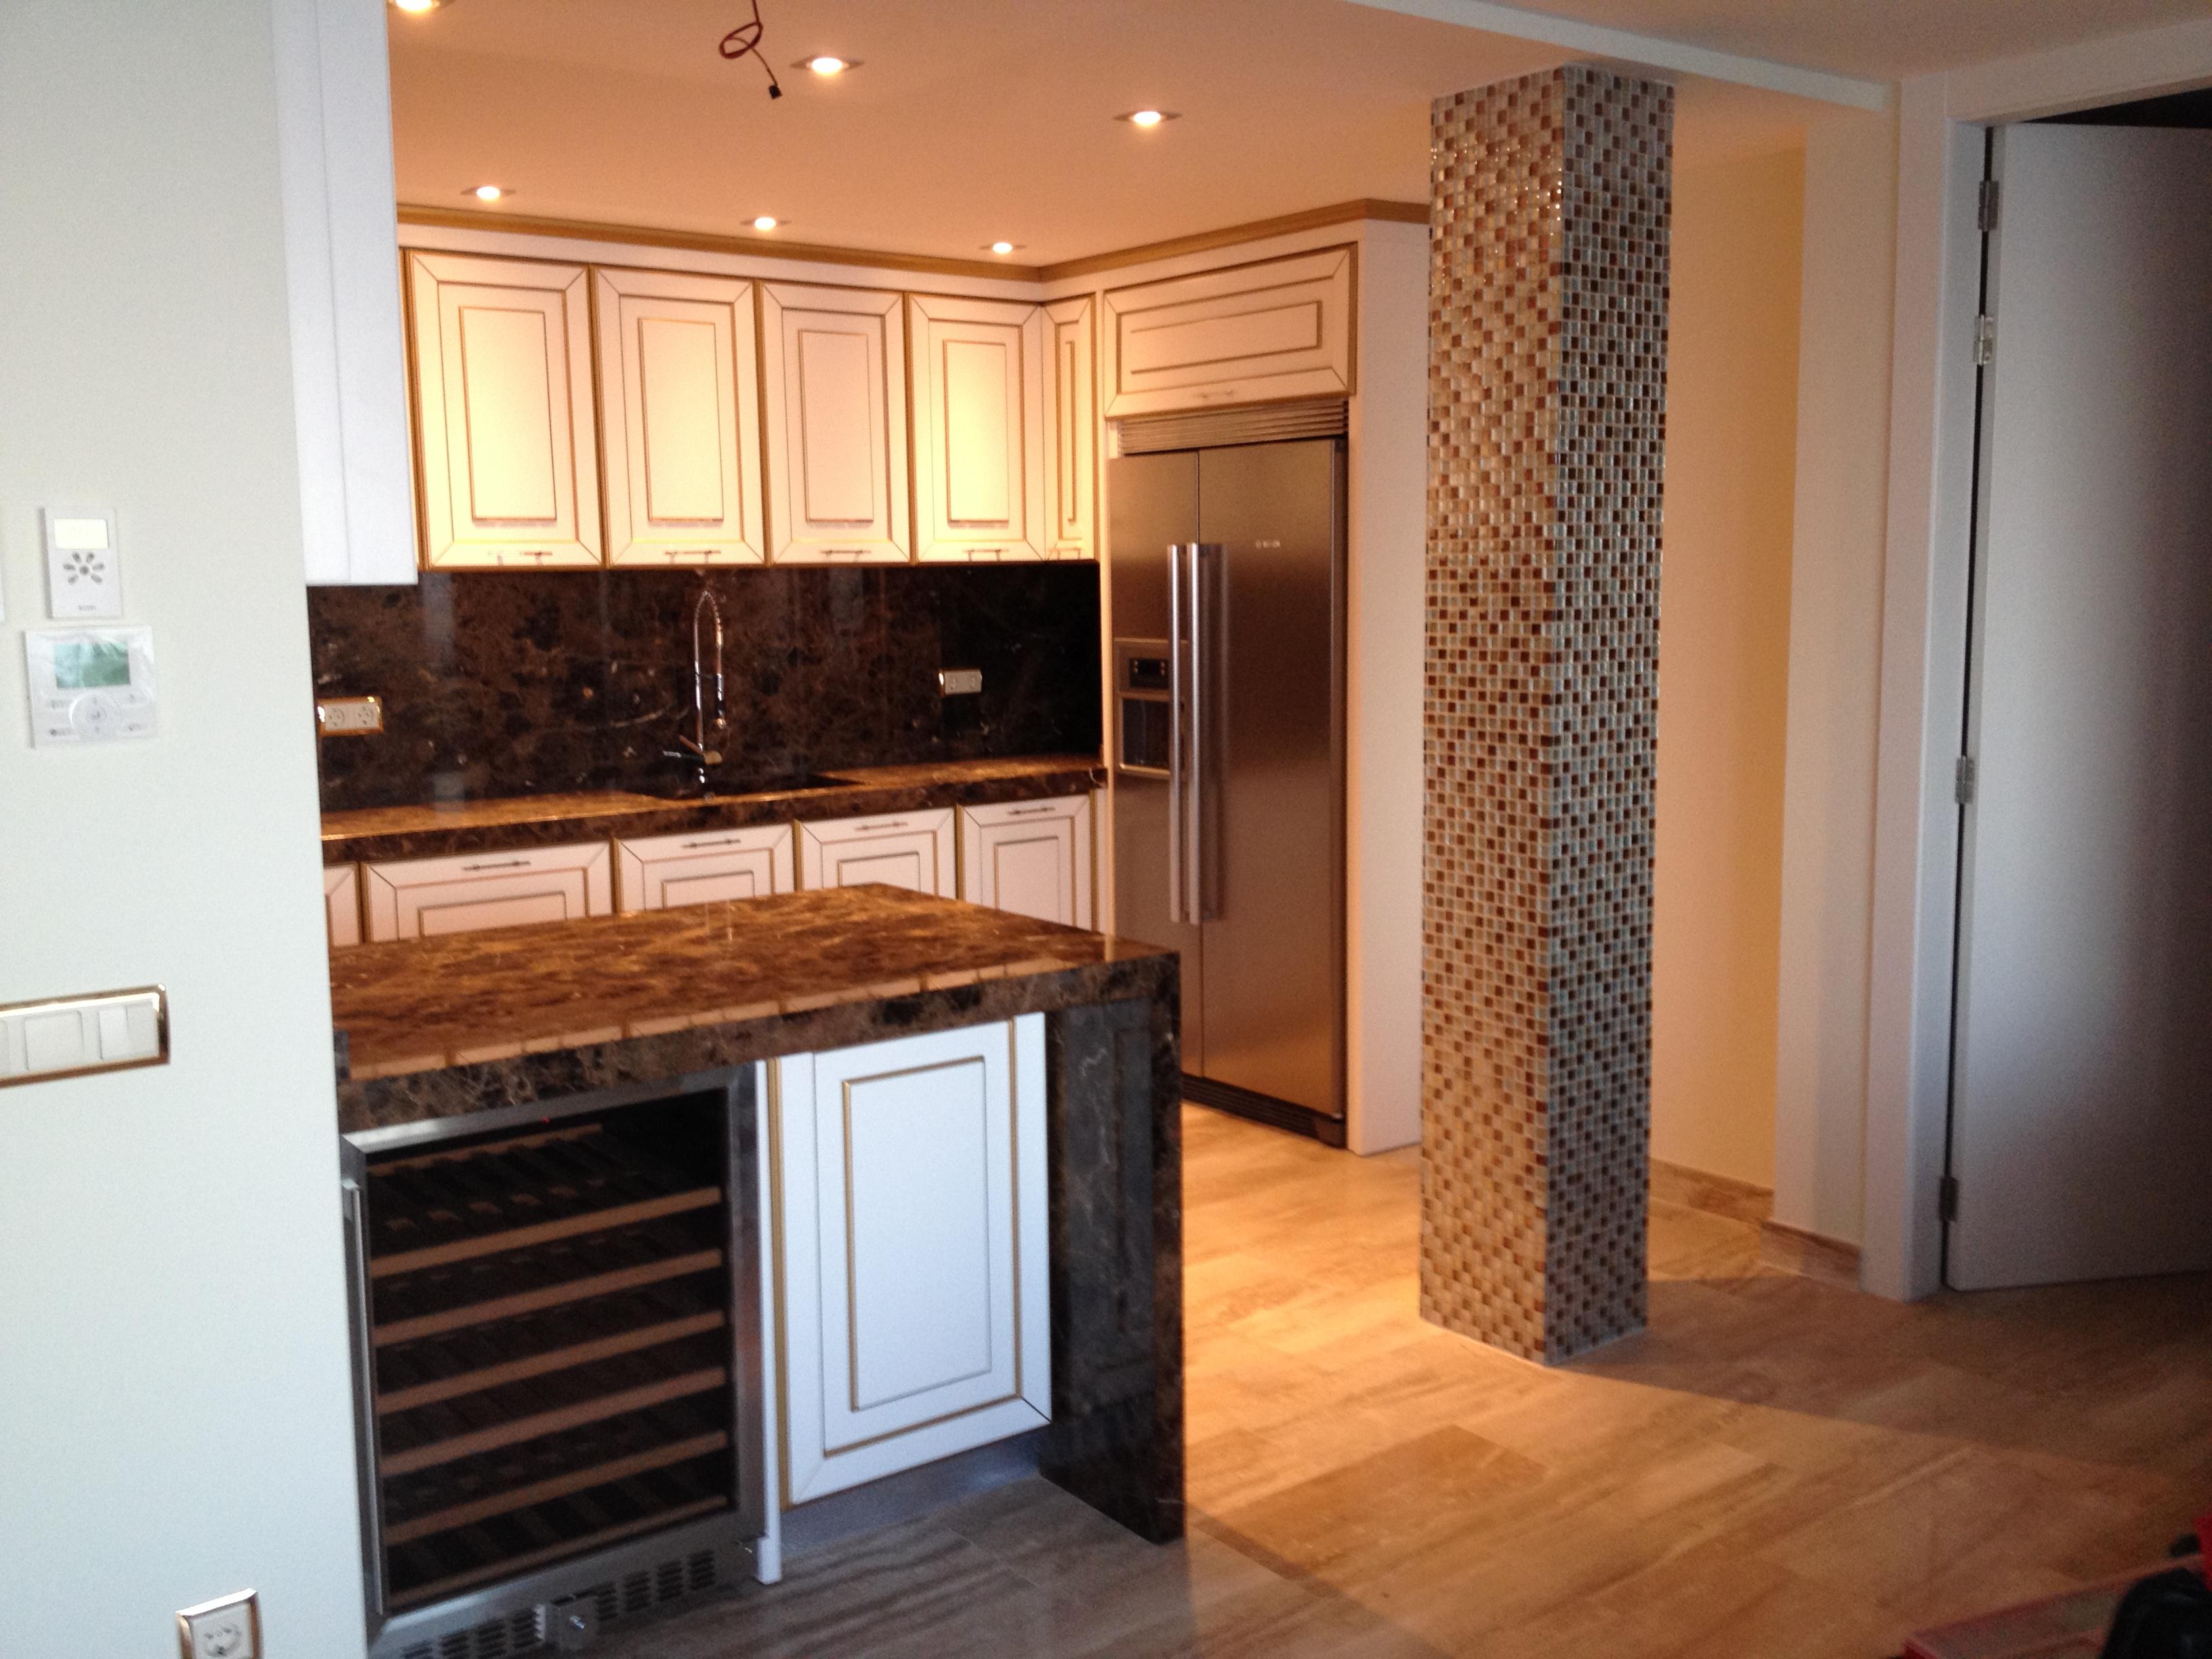 Fabricacion fabrica cocinas a medida valencia 20 muebles - Cocinas a medida ...